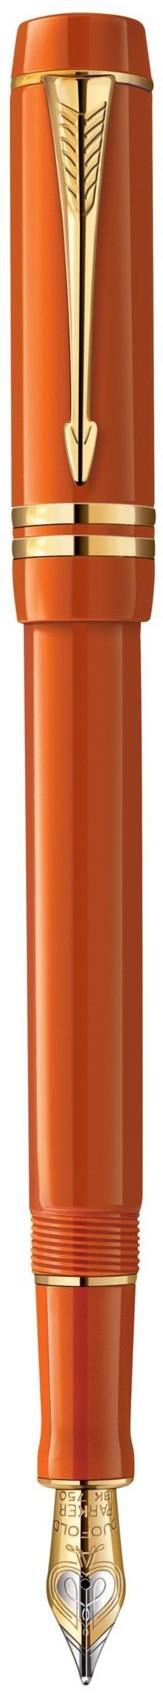 Bút máy Parker Duofold 2014 Centennial Big Red cài vàng